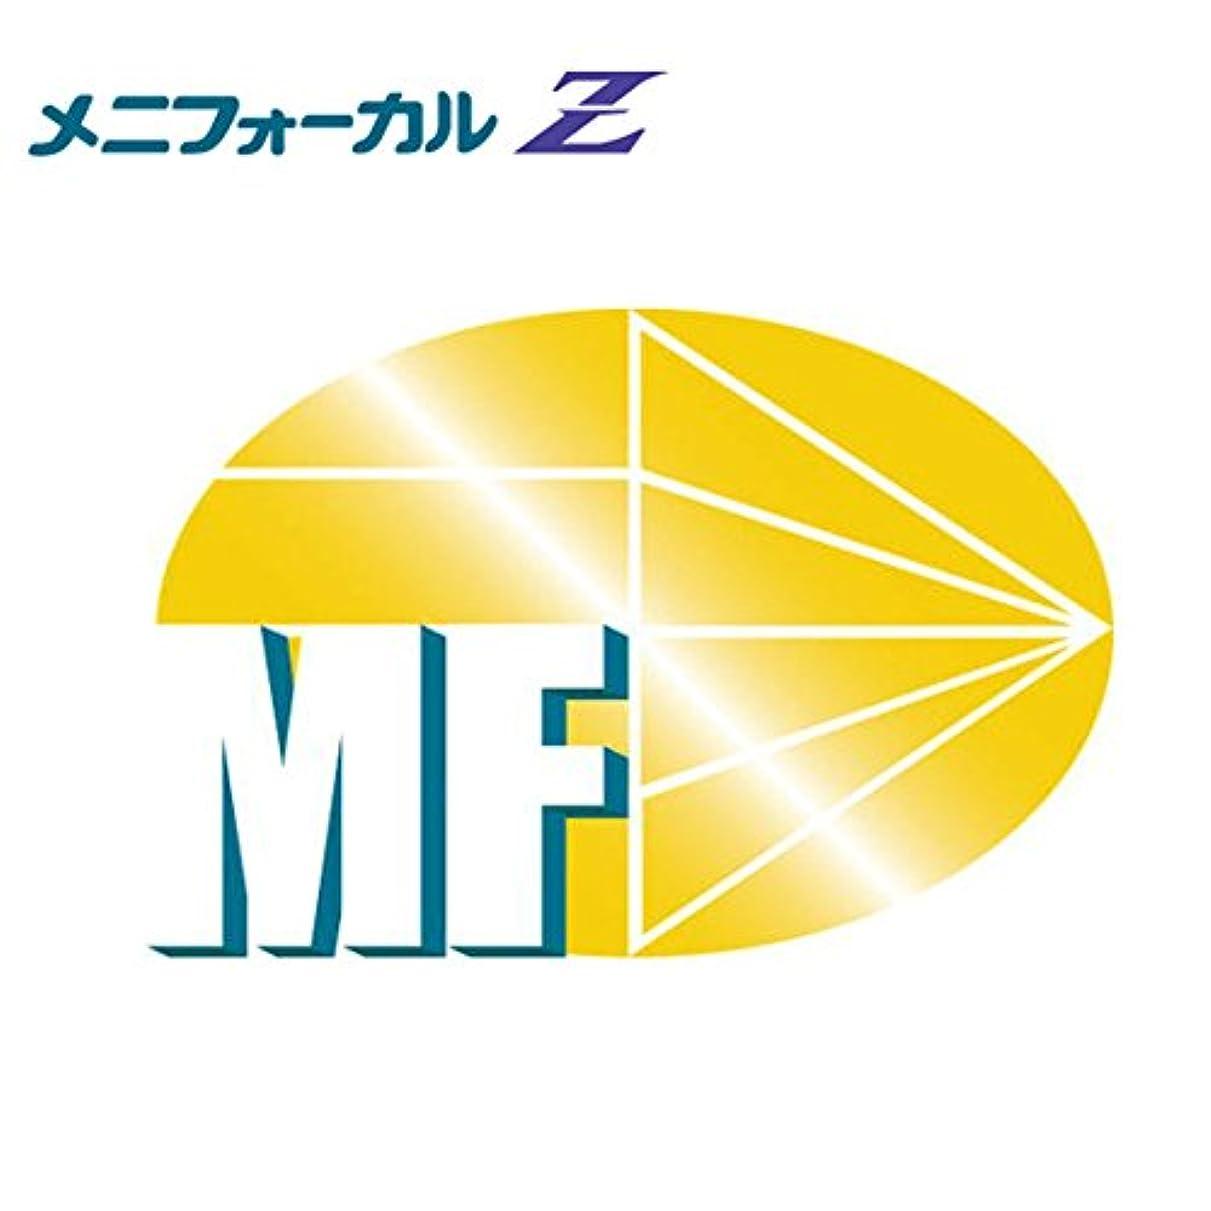 有効なくジャンピングジャックメニコン メニフォーカルZ 【BC】7.90 【PWR】-3.00 【ADD】+2.00 【DIA】9.8